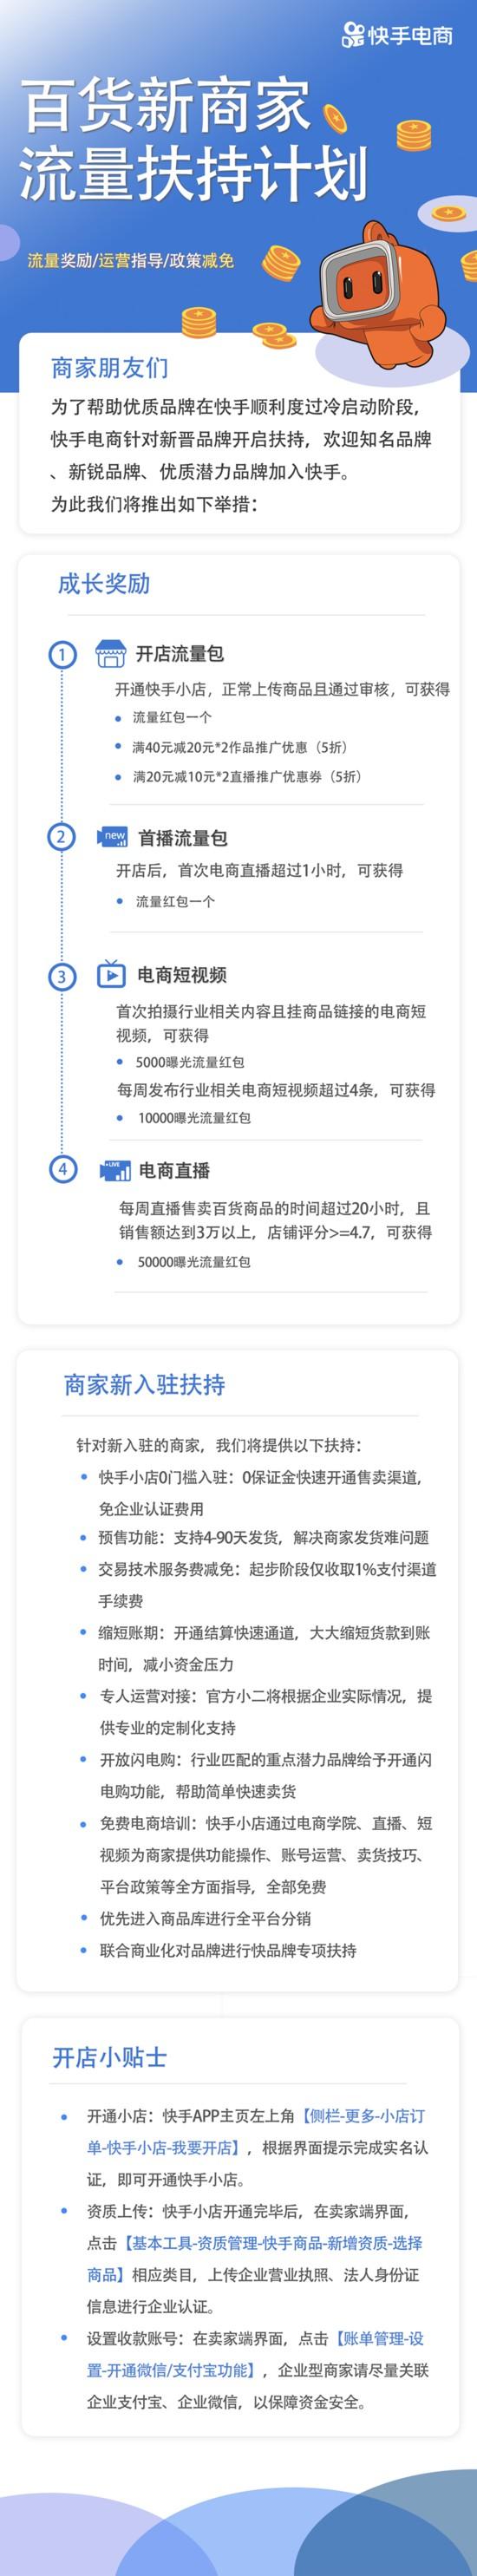 快手电商发布百货新商家流量扶持计划_零售_电商报